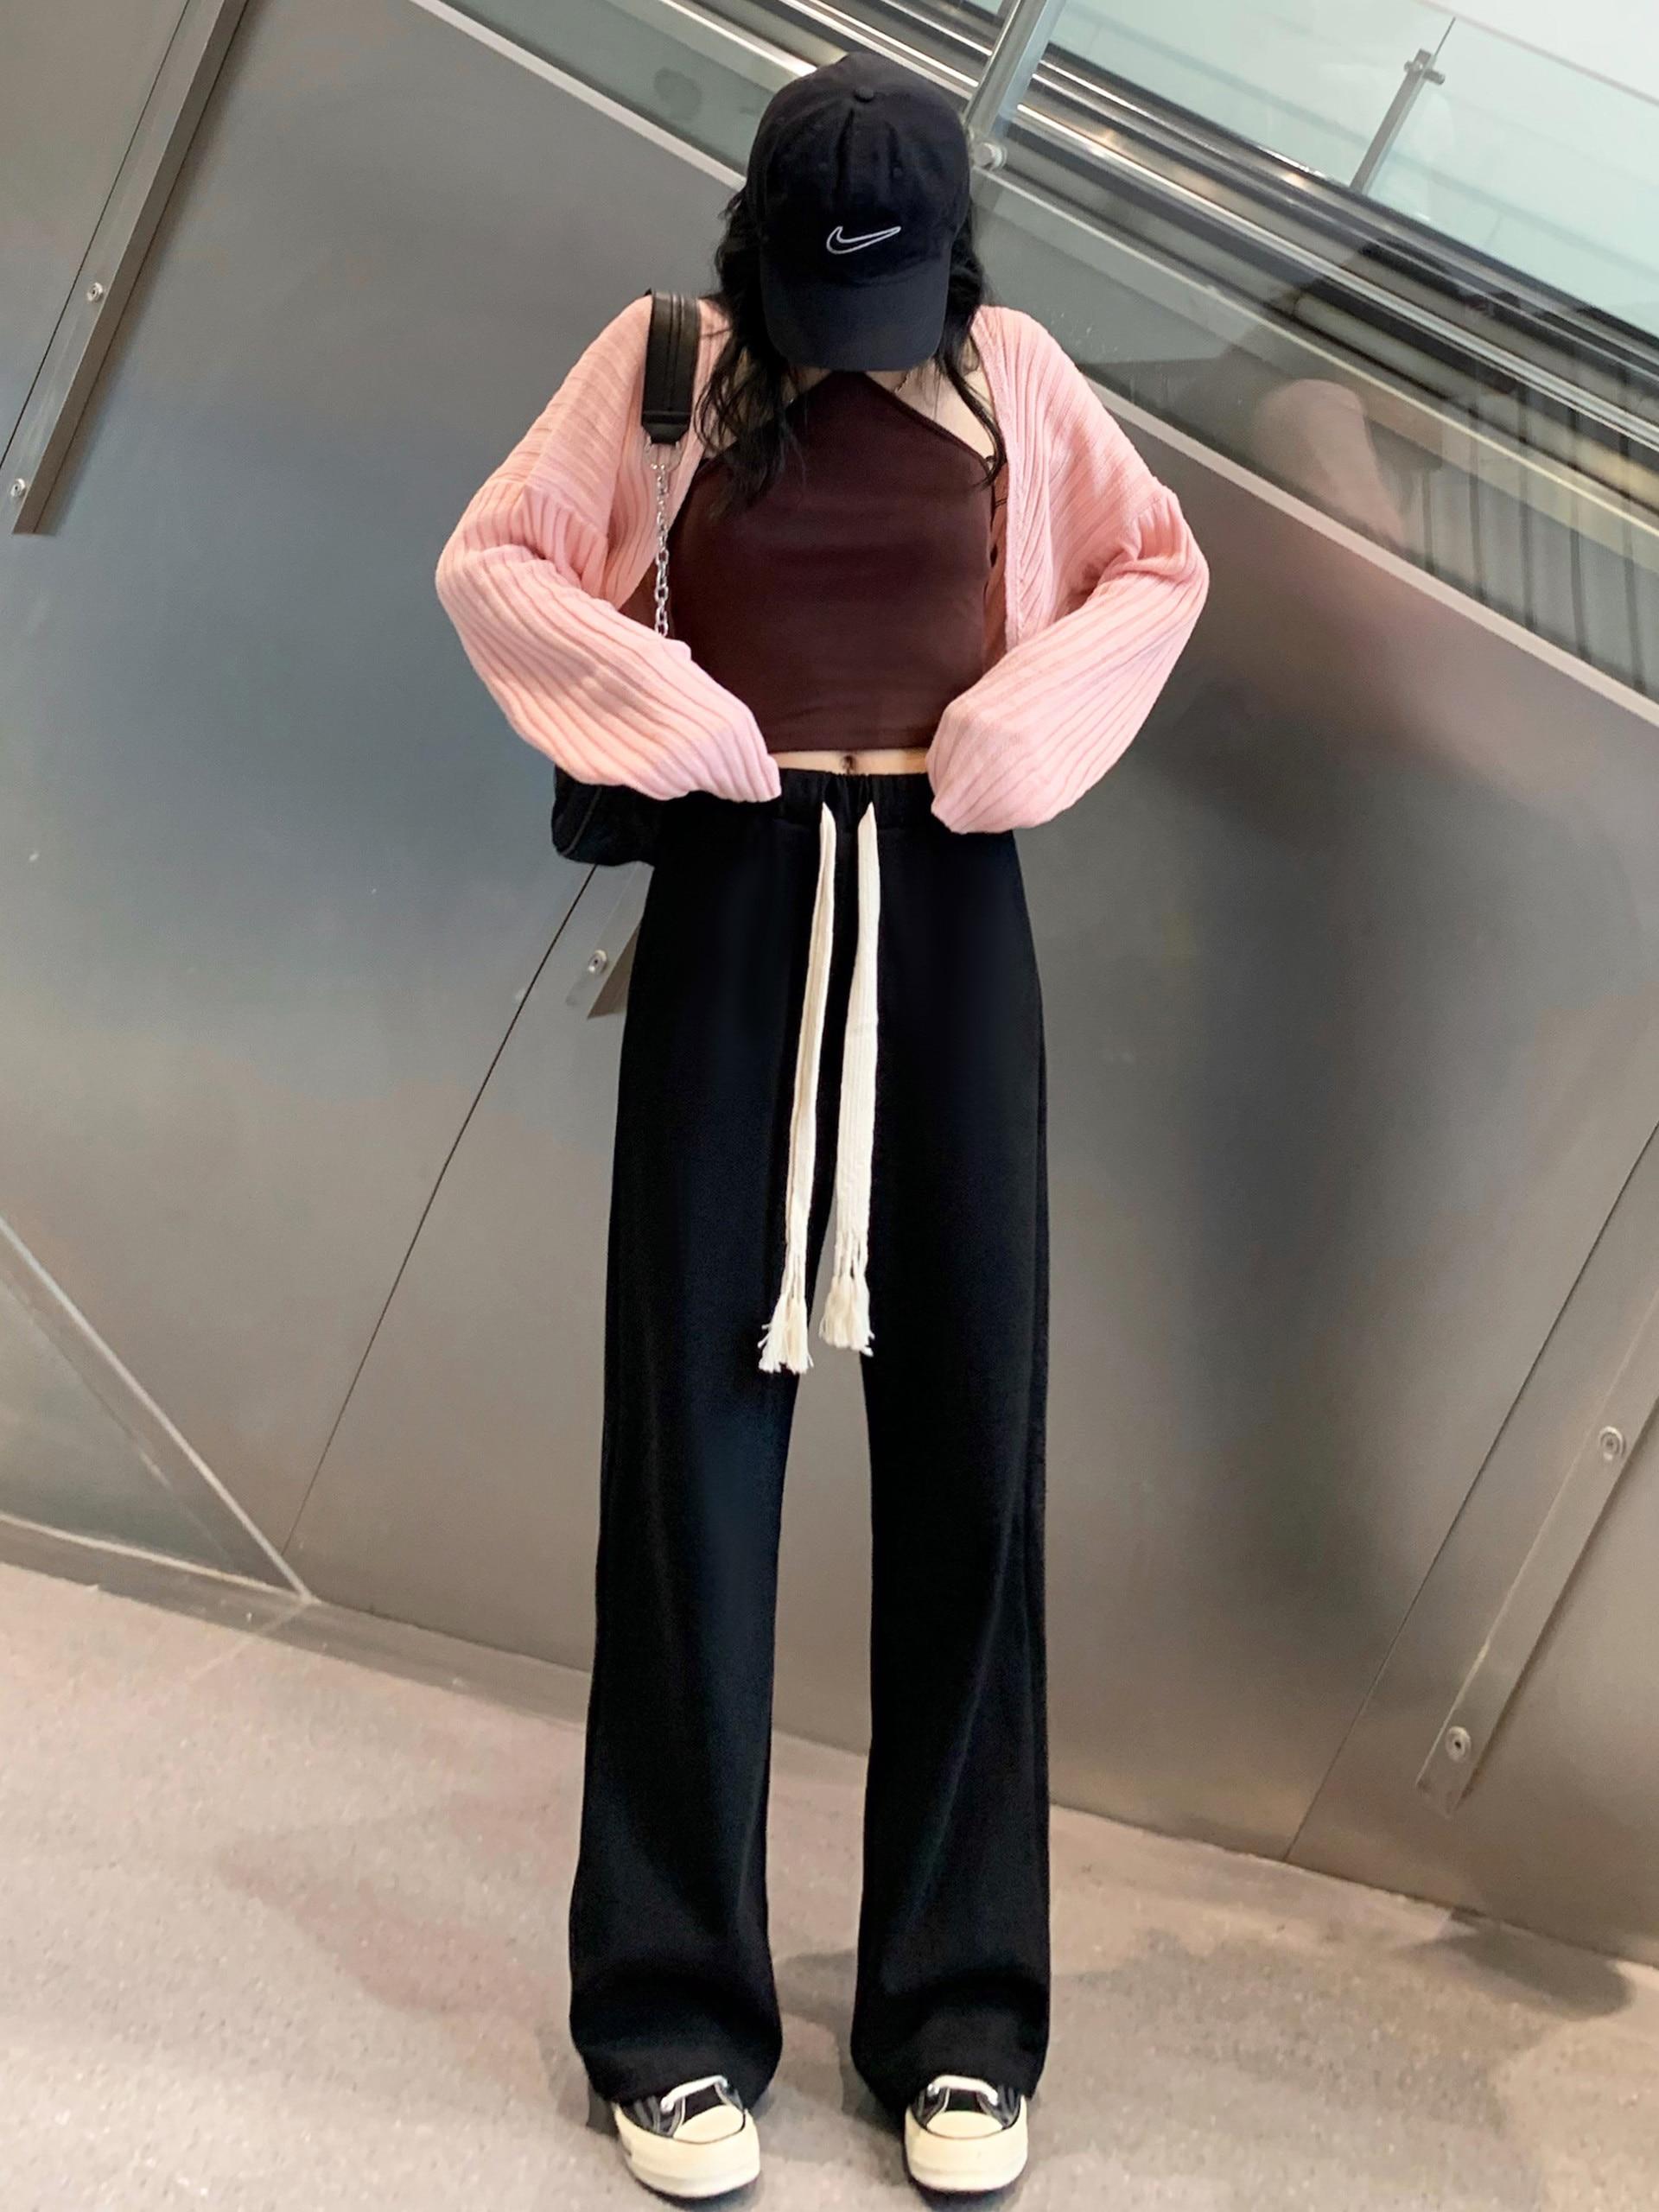 Брюки женские с завязкой, прямые свободные трикотажные штаны с широкими штанинами, с завышенной талией, в стиле кэжуал, для ленивых, на весну...